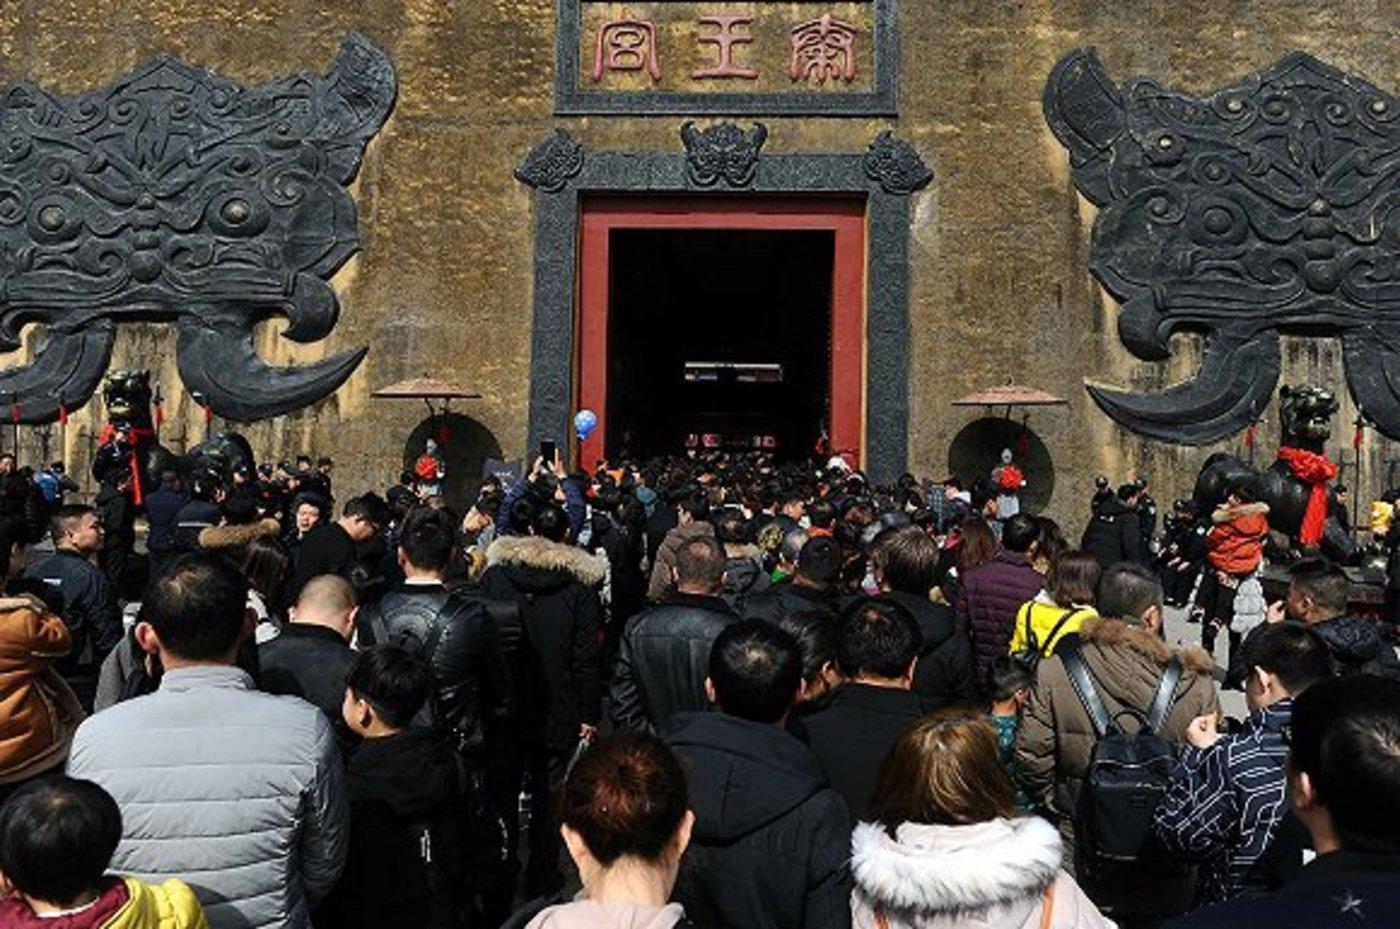 春节假期横店接待了大量的游客 图片来源:视觉中国